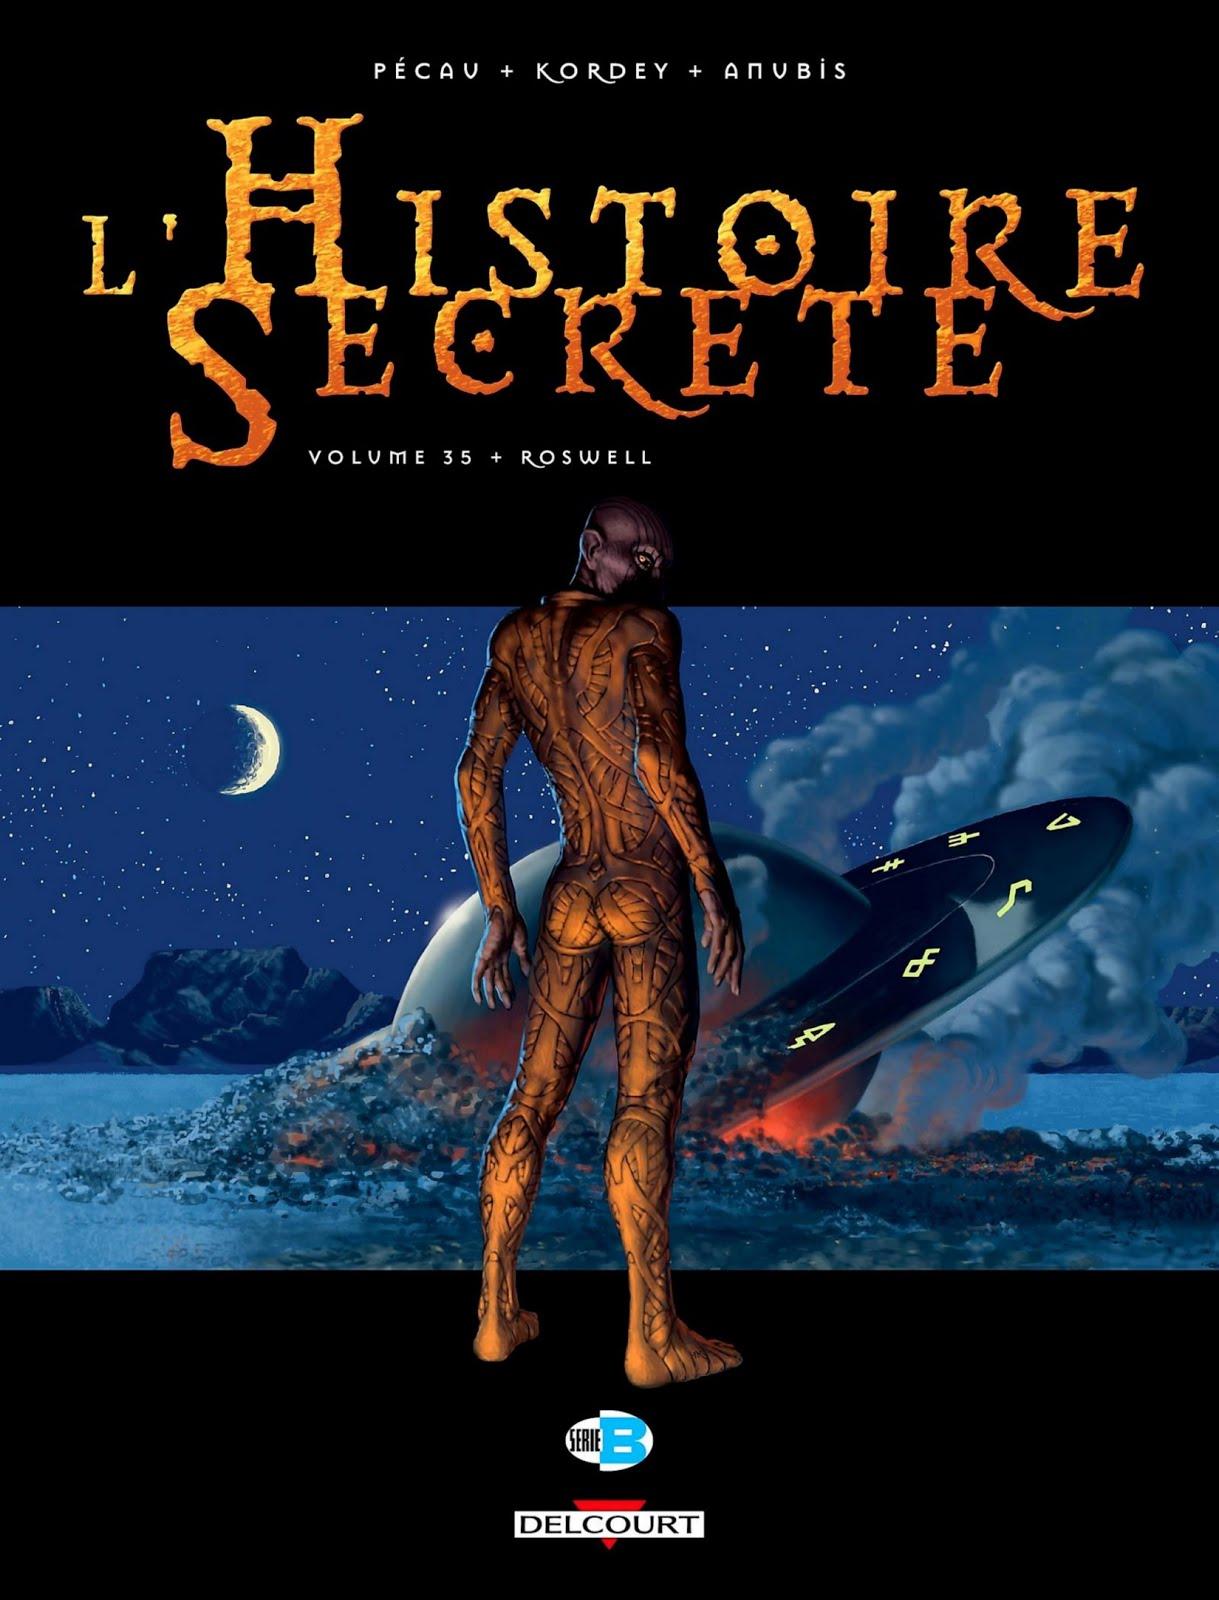 L'histoire secrète 00 à 35, Pécau, Kordey, Pilipovic, Sudzuka. (Série en cours)